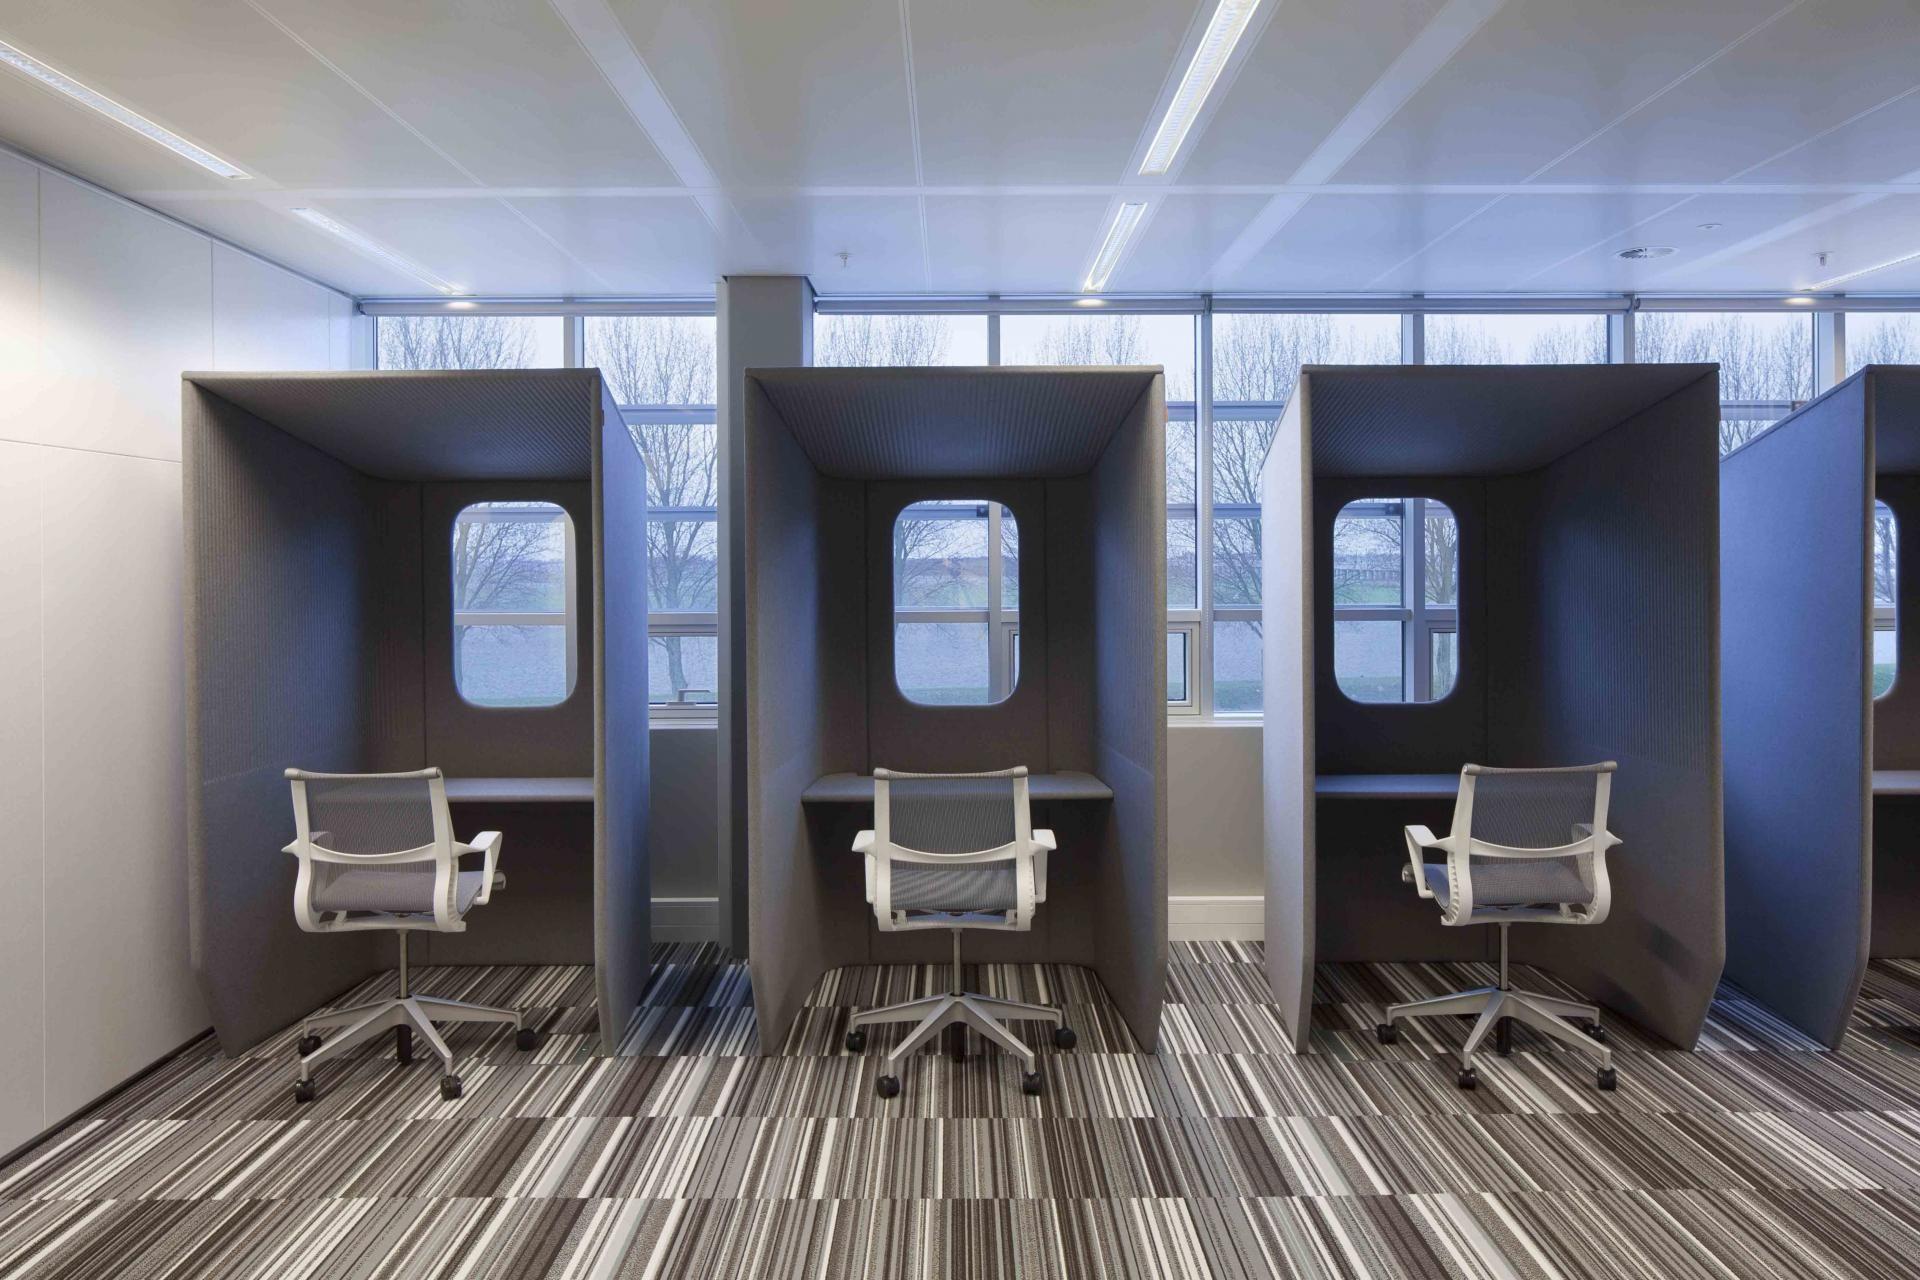 Ufficio Moderno Xela : Afgesloten werkplek maar wel met zicht licht op de buitenwereld